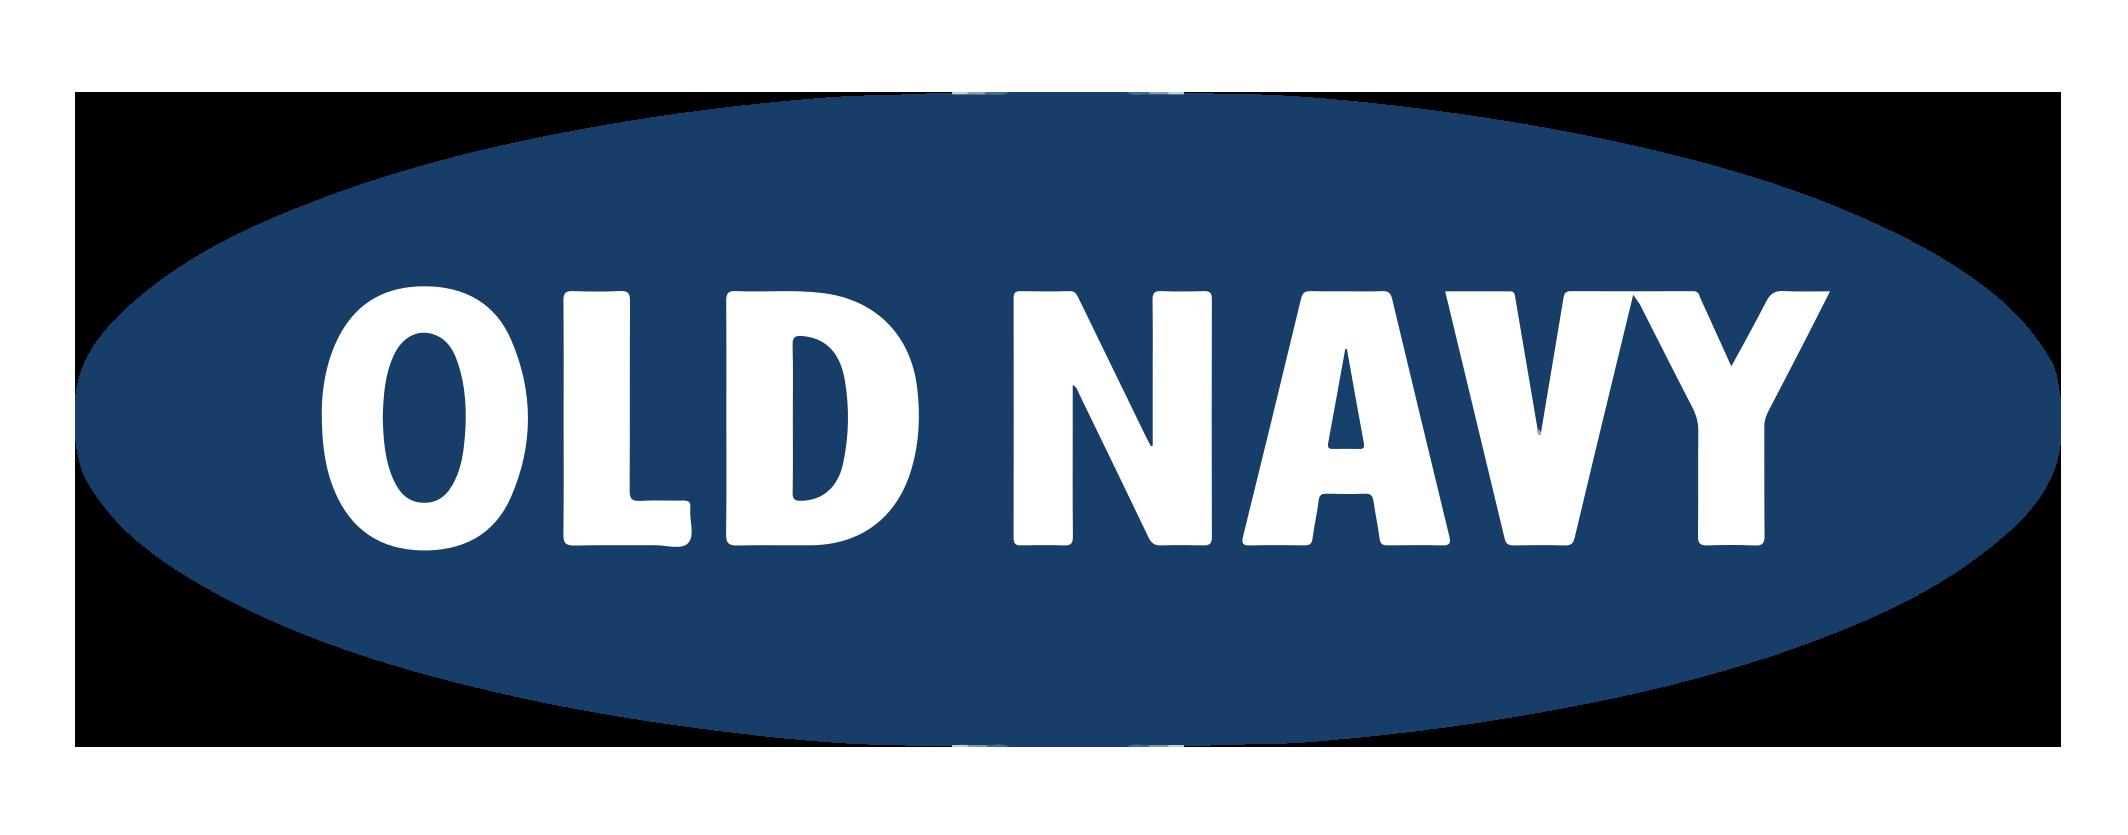 old navy -transparent.png